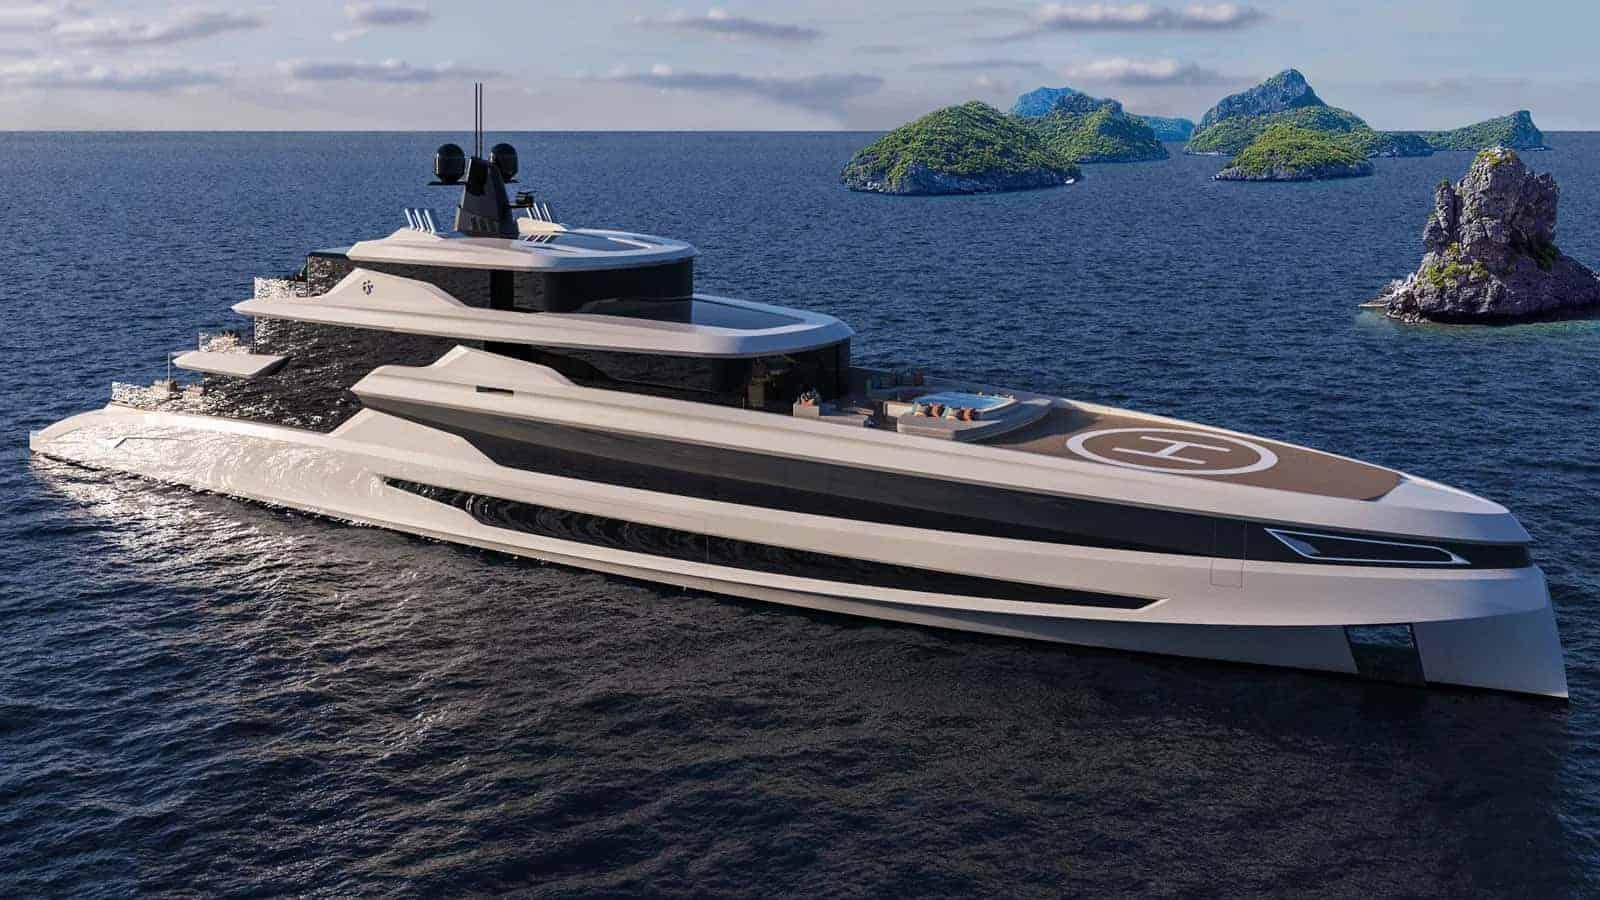 Fincantieri Concept Blanche Yacht